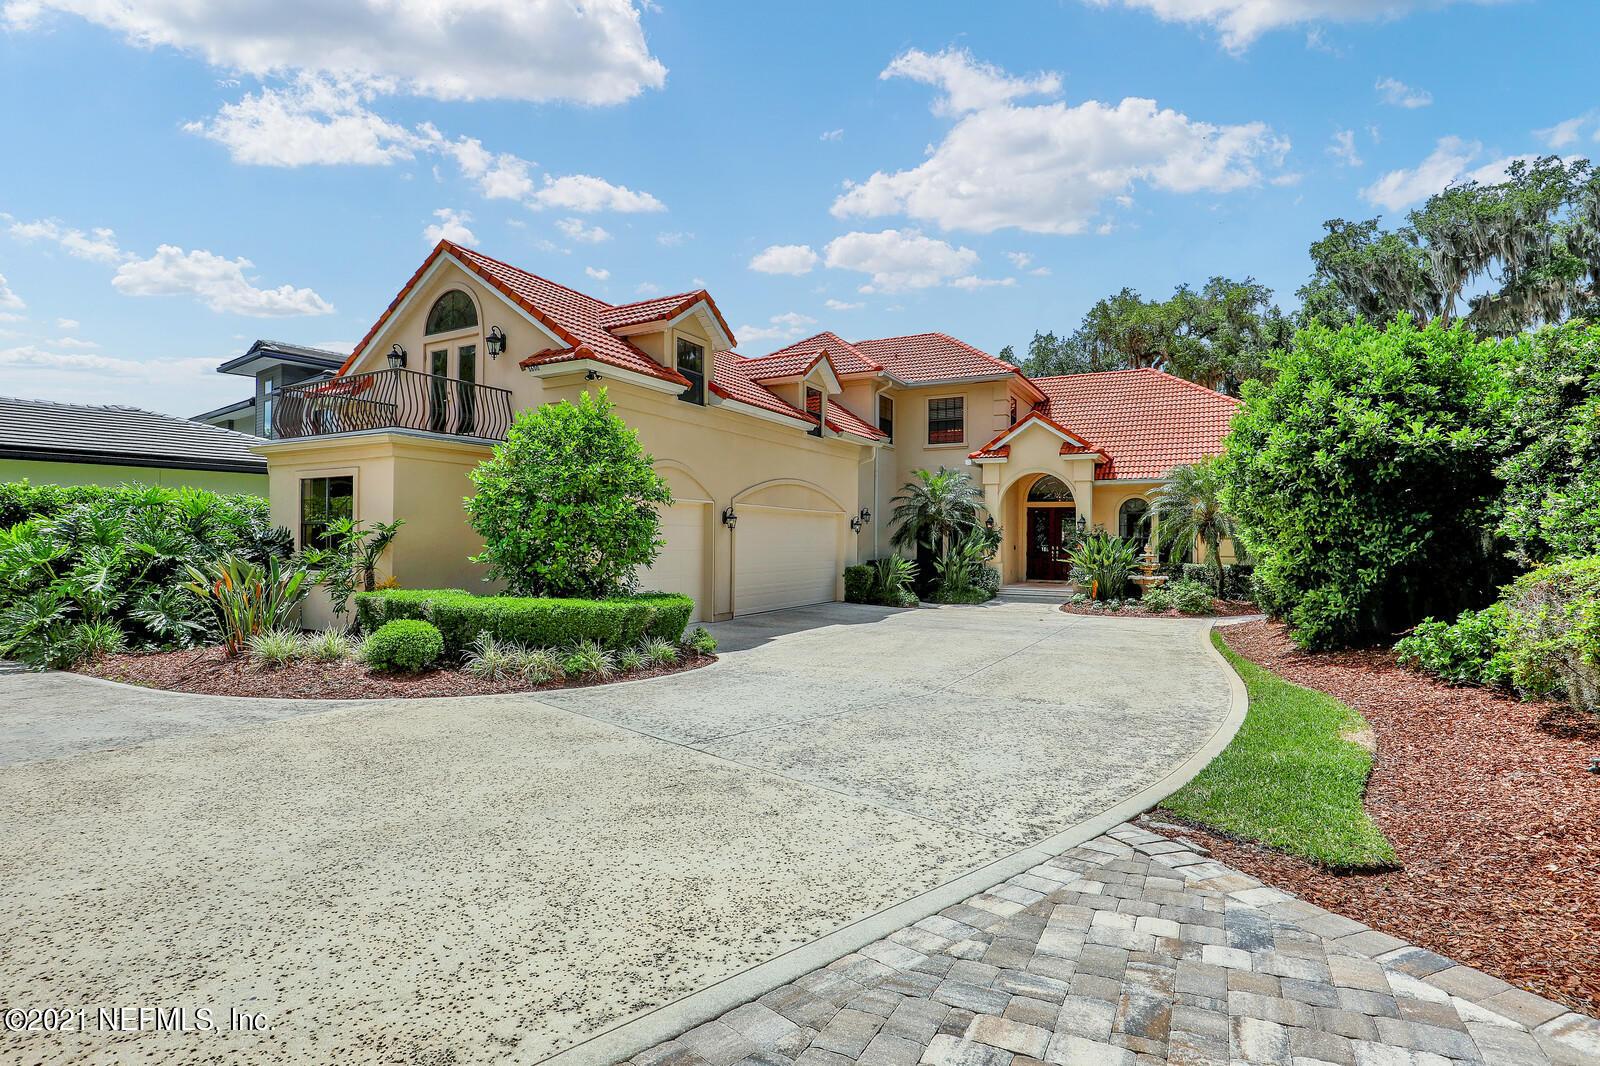 Details for 3600 Holly Grove Ave, JACKSONVILLE, FL 32217